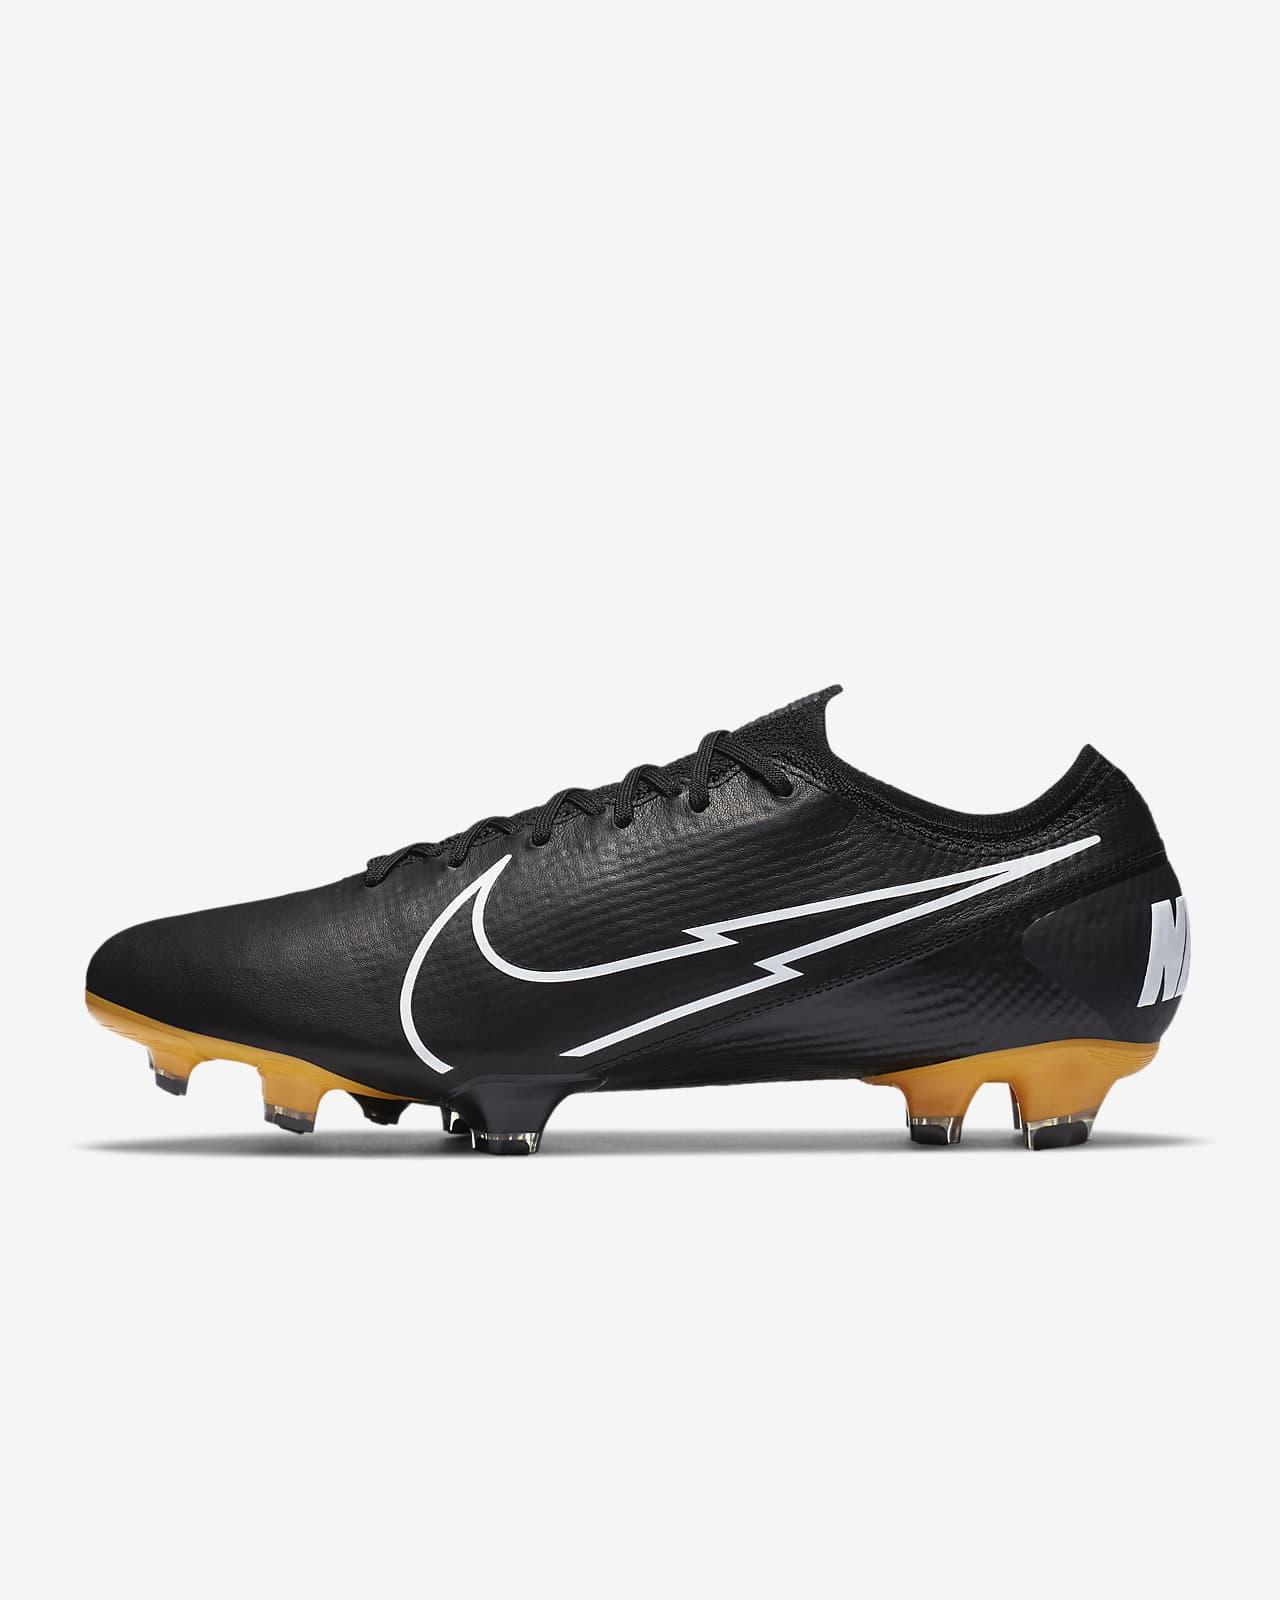 Футбольные бутсы для игры на твердом грунте Nike Mercurial Vapor 13 Elite Tech Craft FG